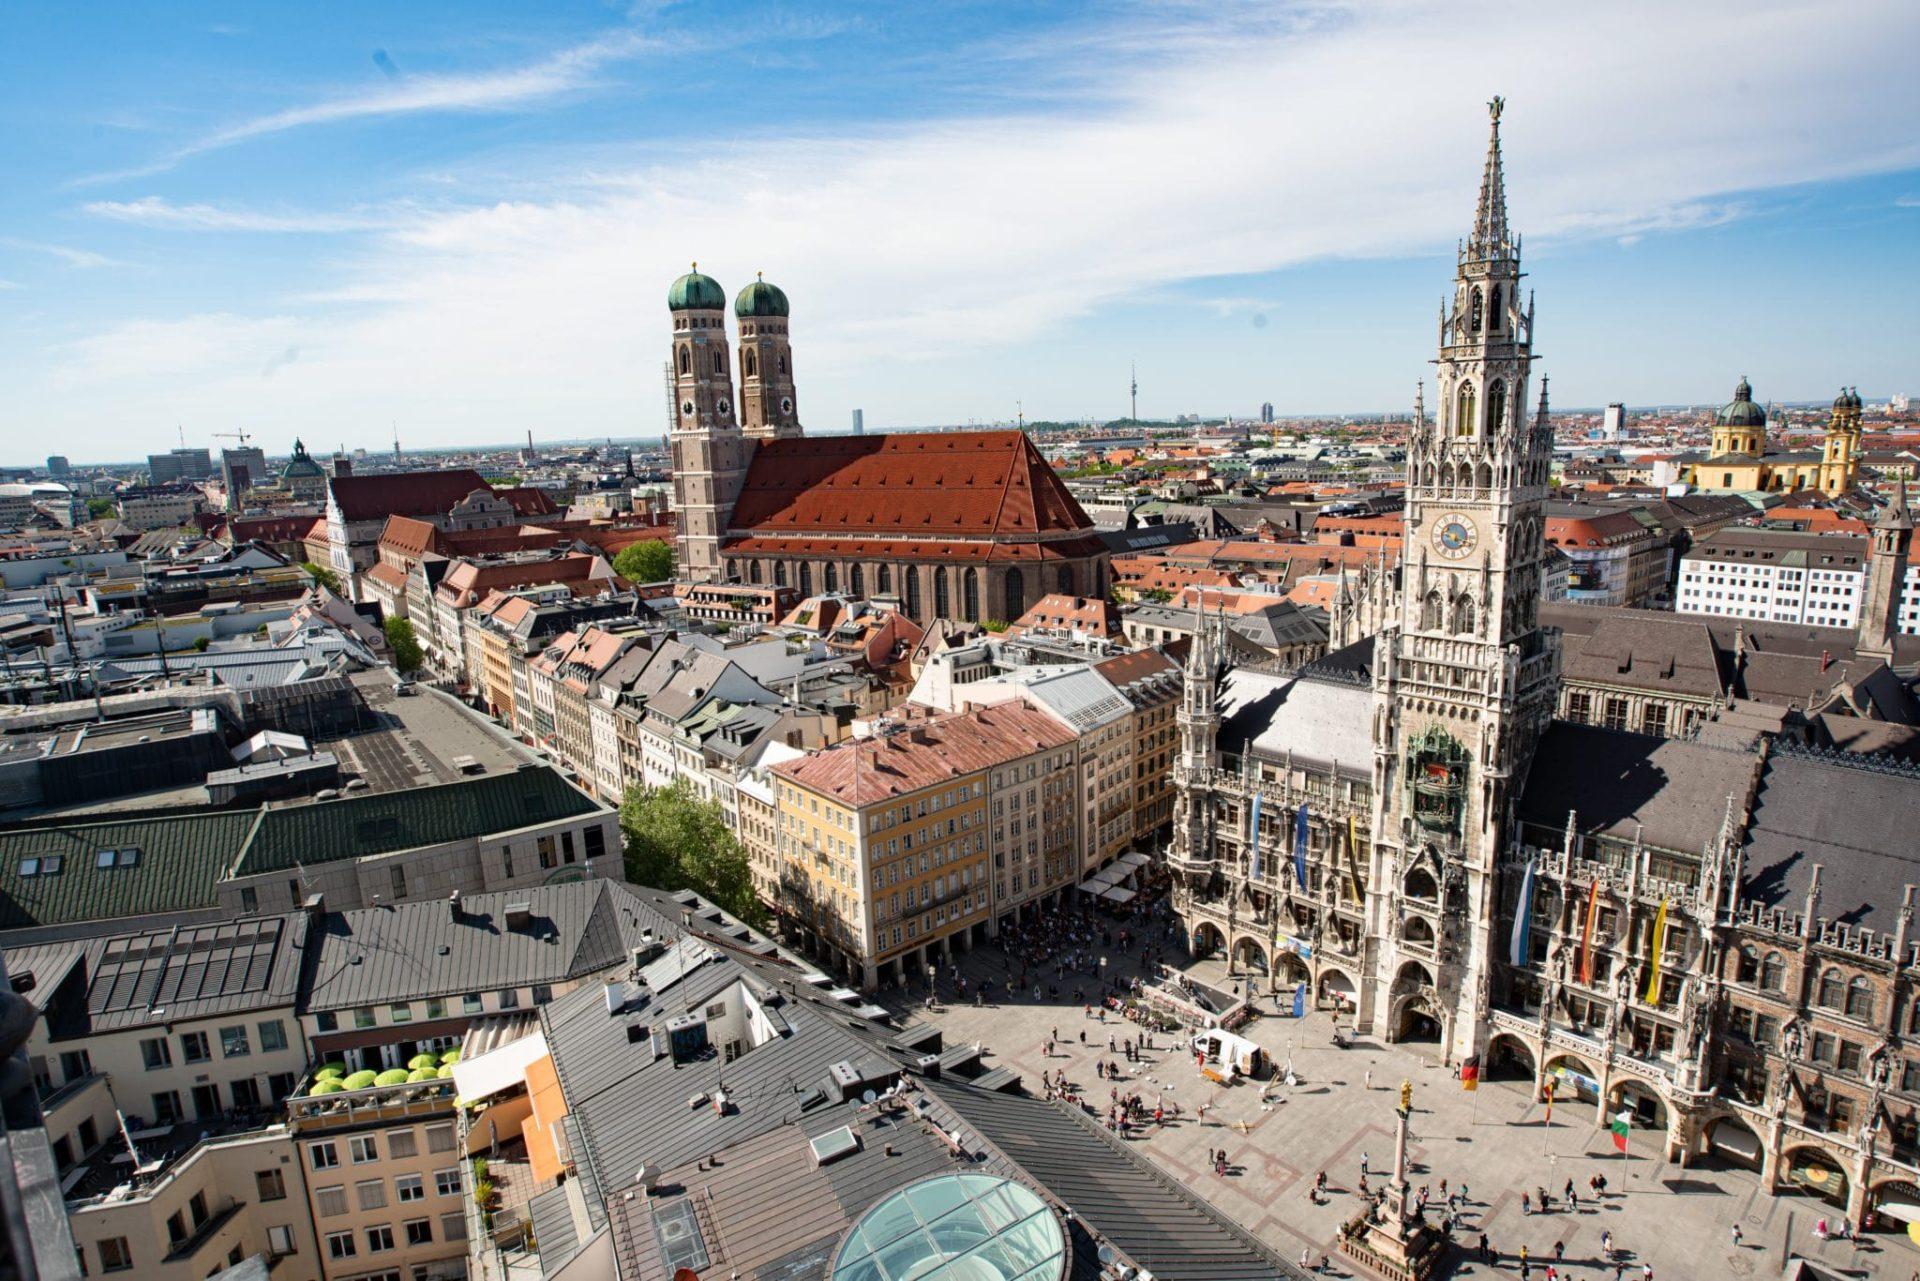 недвижимость Мюнхен